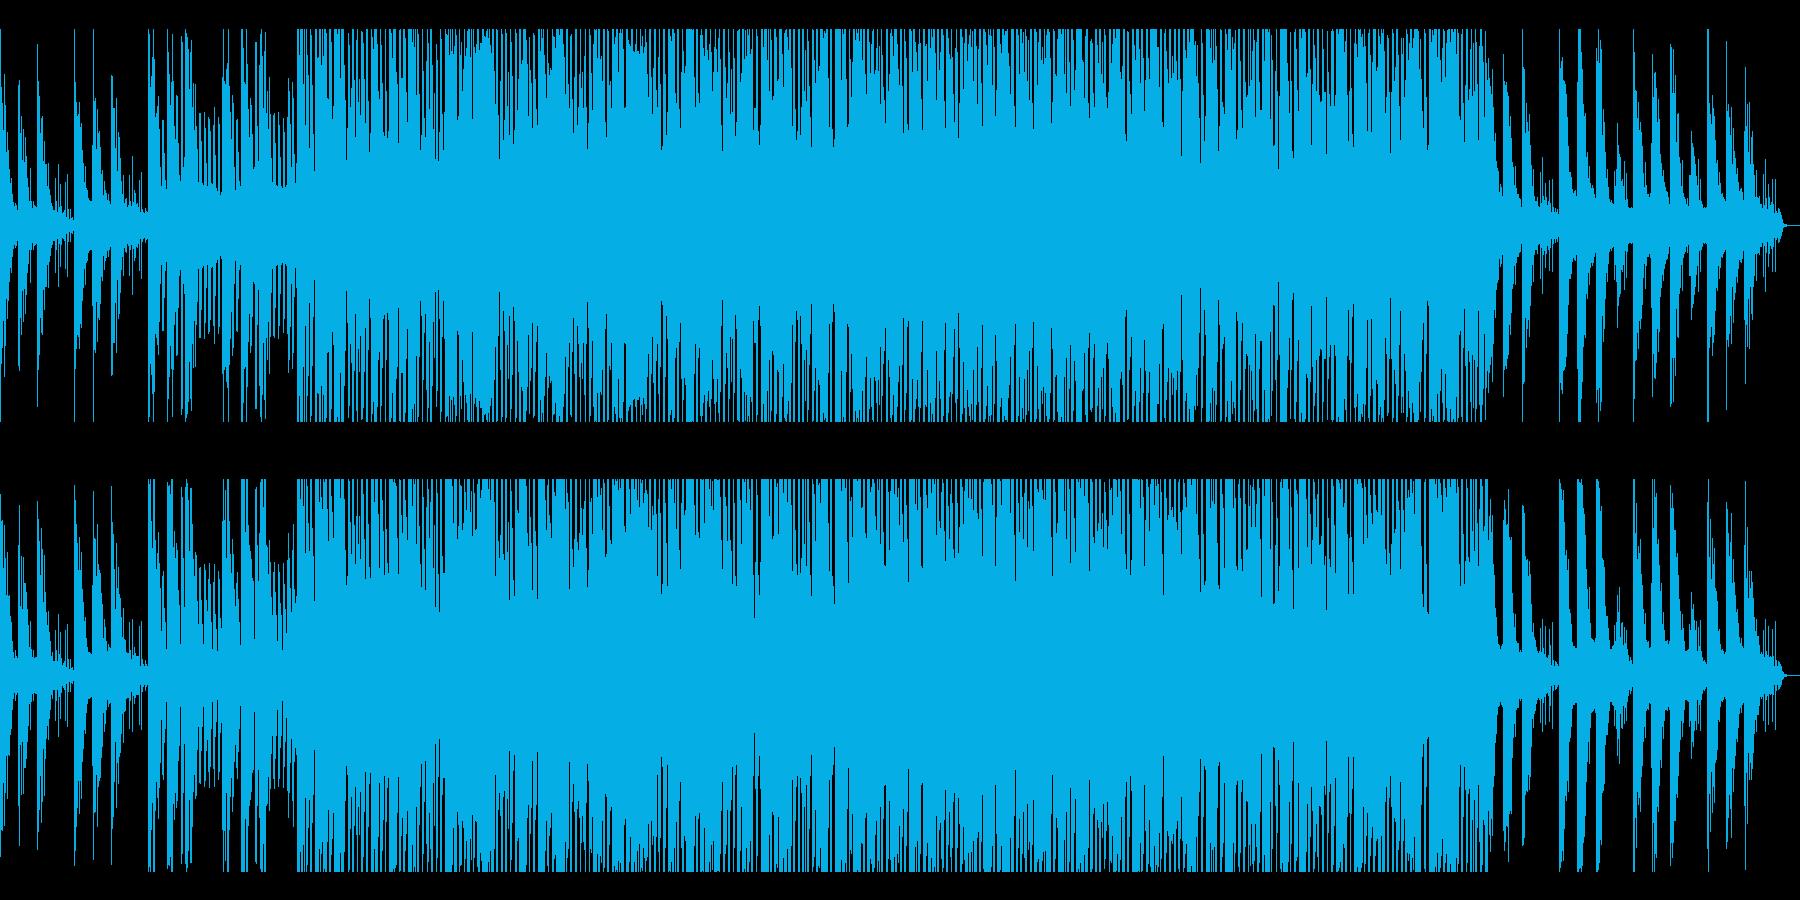 オープニングに最適なピアノEDMの再生済みの波形